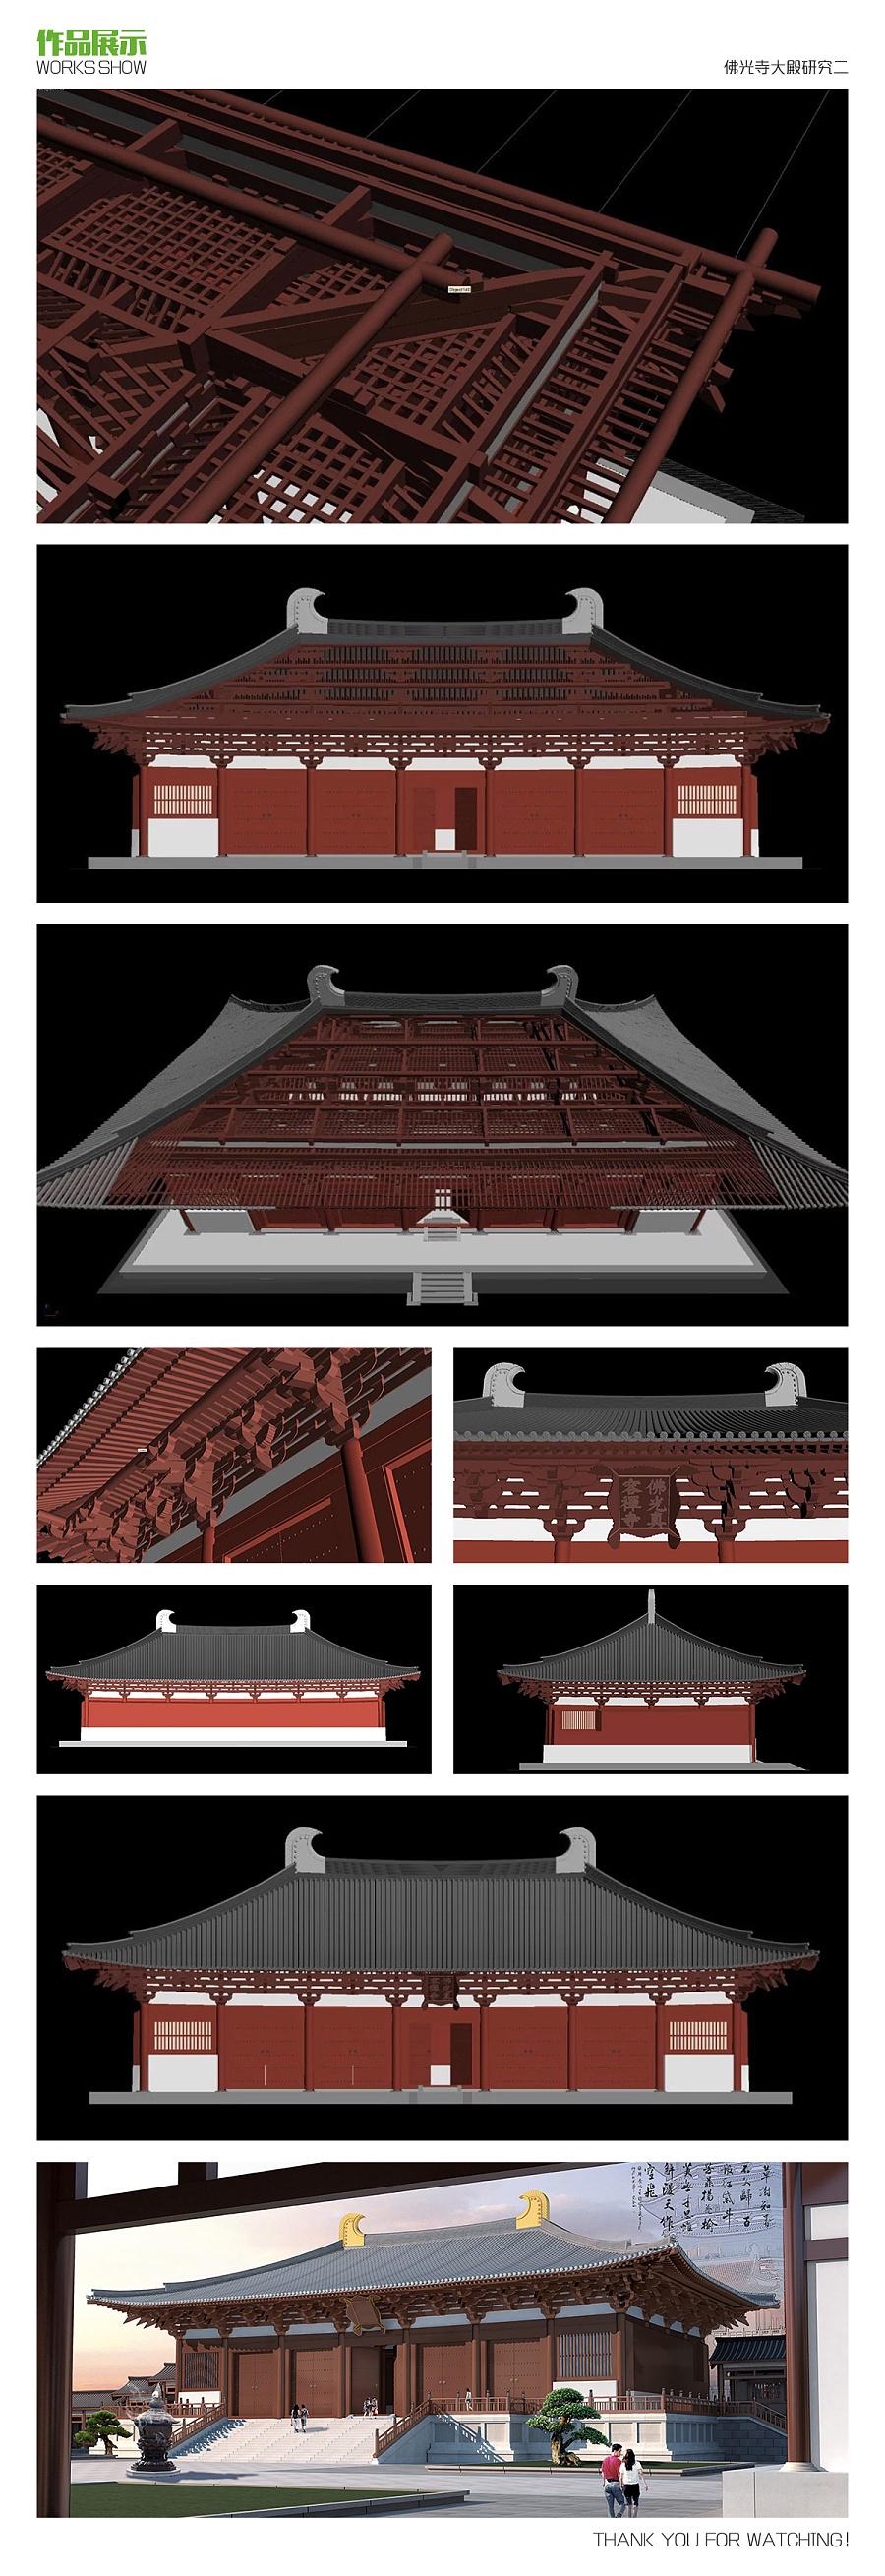 使用了:Autodesk - Auto CAD 使用了:Autodesk - 3Ds Max 使用了:Adobe - Photoshop 唐代是中国建筑的发展高峰,也是佛教建筑大兴盛的时代,但由于木结构建筑不易保存,留存至今的唐代木结构建筑也是中国最早的木构殿堂只有两座,都在山西五台山。佛光寺大殿是其中一座,建于大中十一年(857)。佛光寺是一座中型寺院,坐东向西,大殿在寺的最后即最东的高地上,高出前部地面十二三米。大殿为中型殿堂,面阔七间,通长34米;进深四间,17.